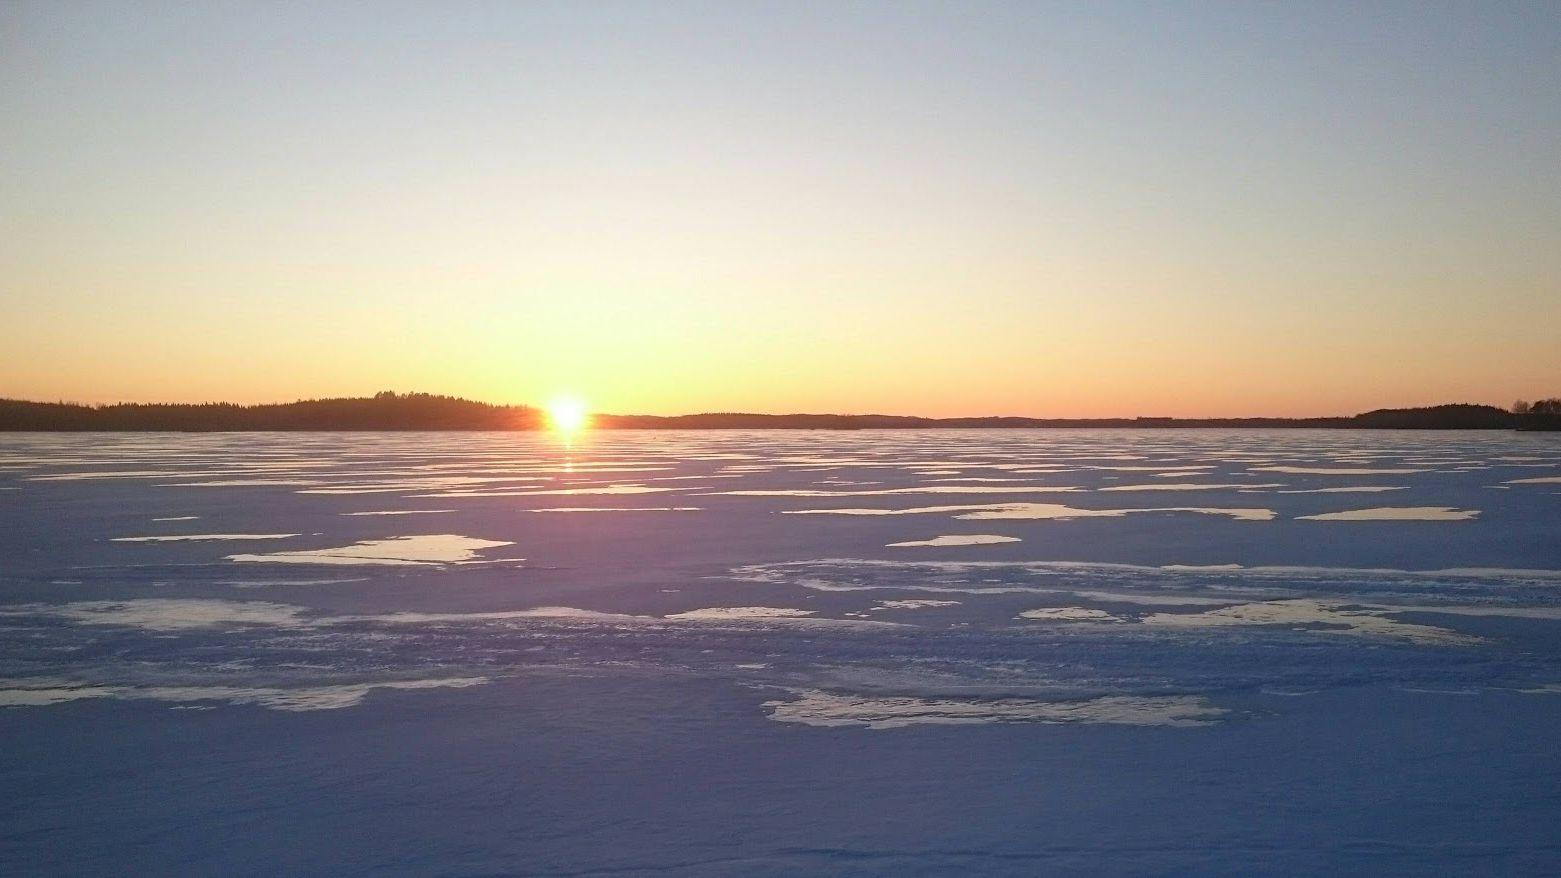 Aurinko laskee jäätyneen Simpele-järven takana.